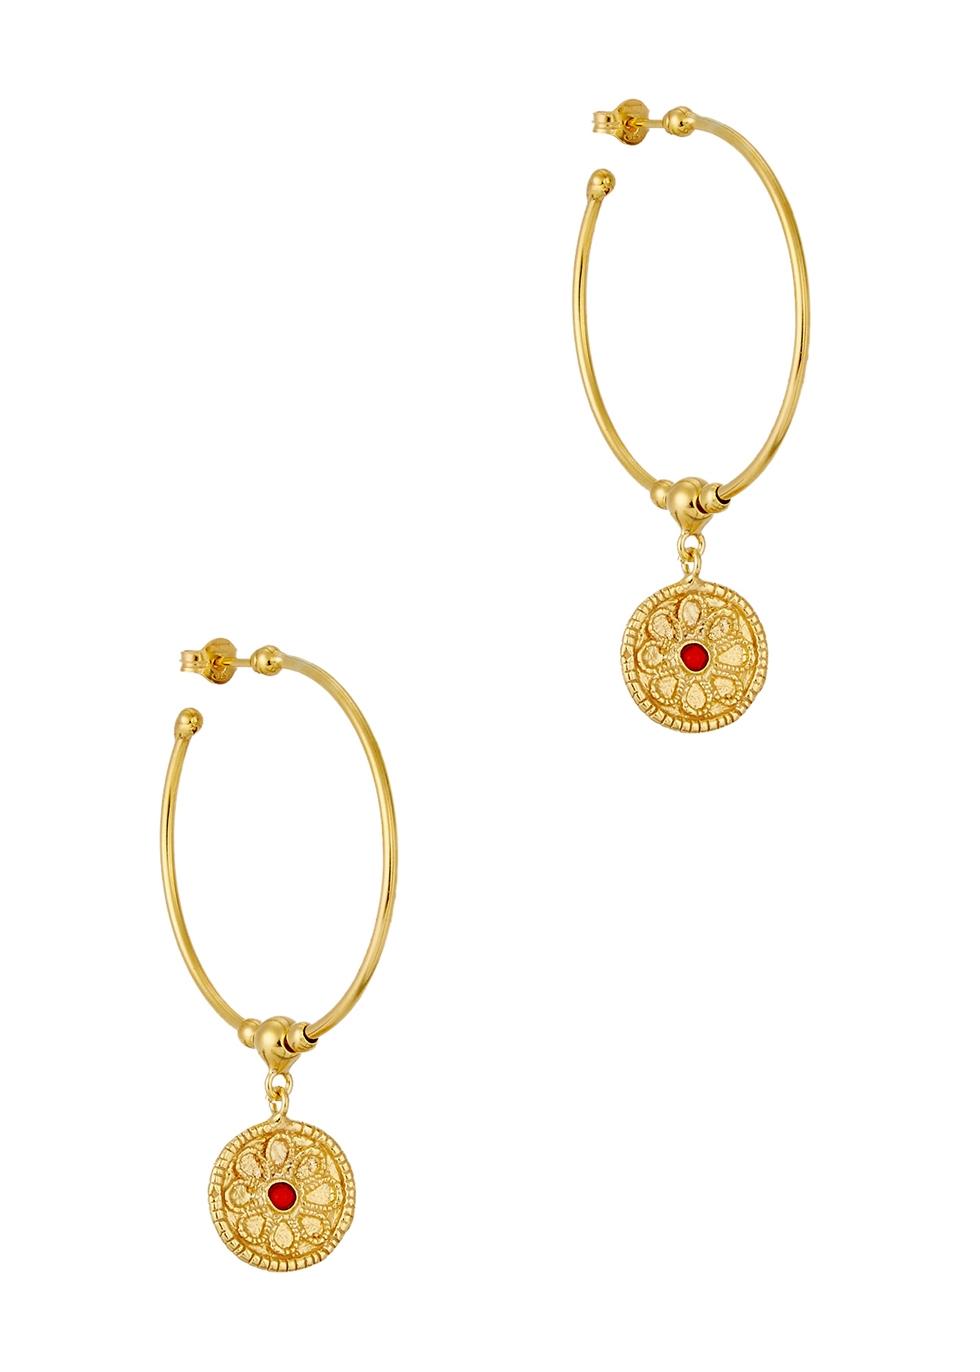 SORU JEWELLERY TREASURES 18CT GOLD-PLATED HOOP EARRINGS